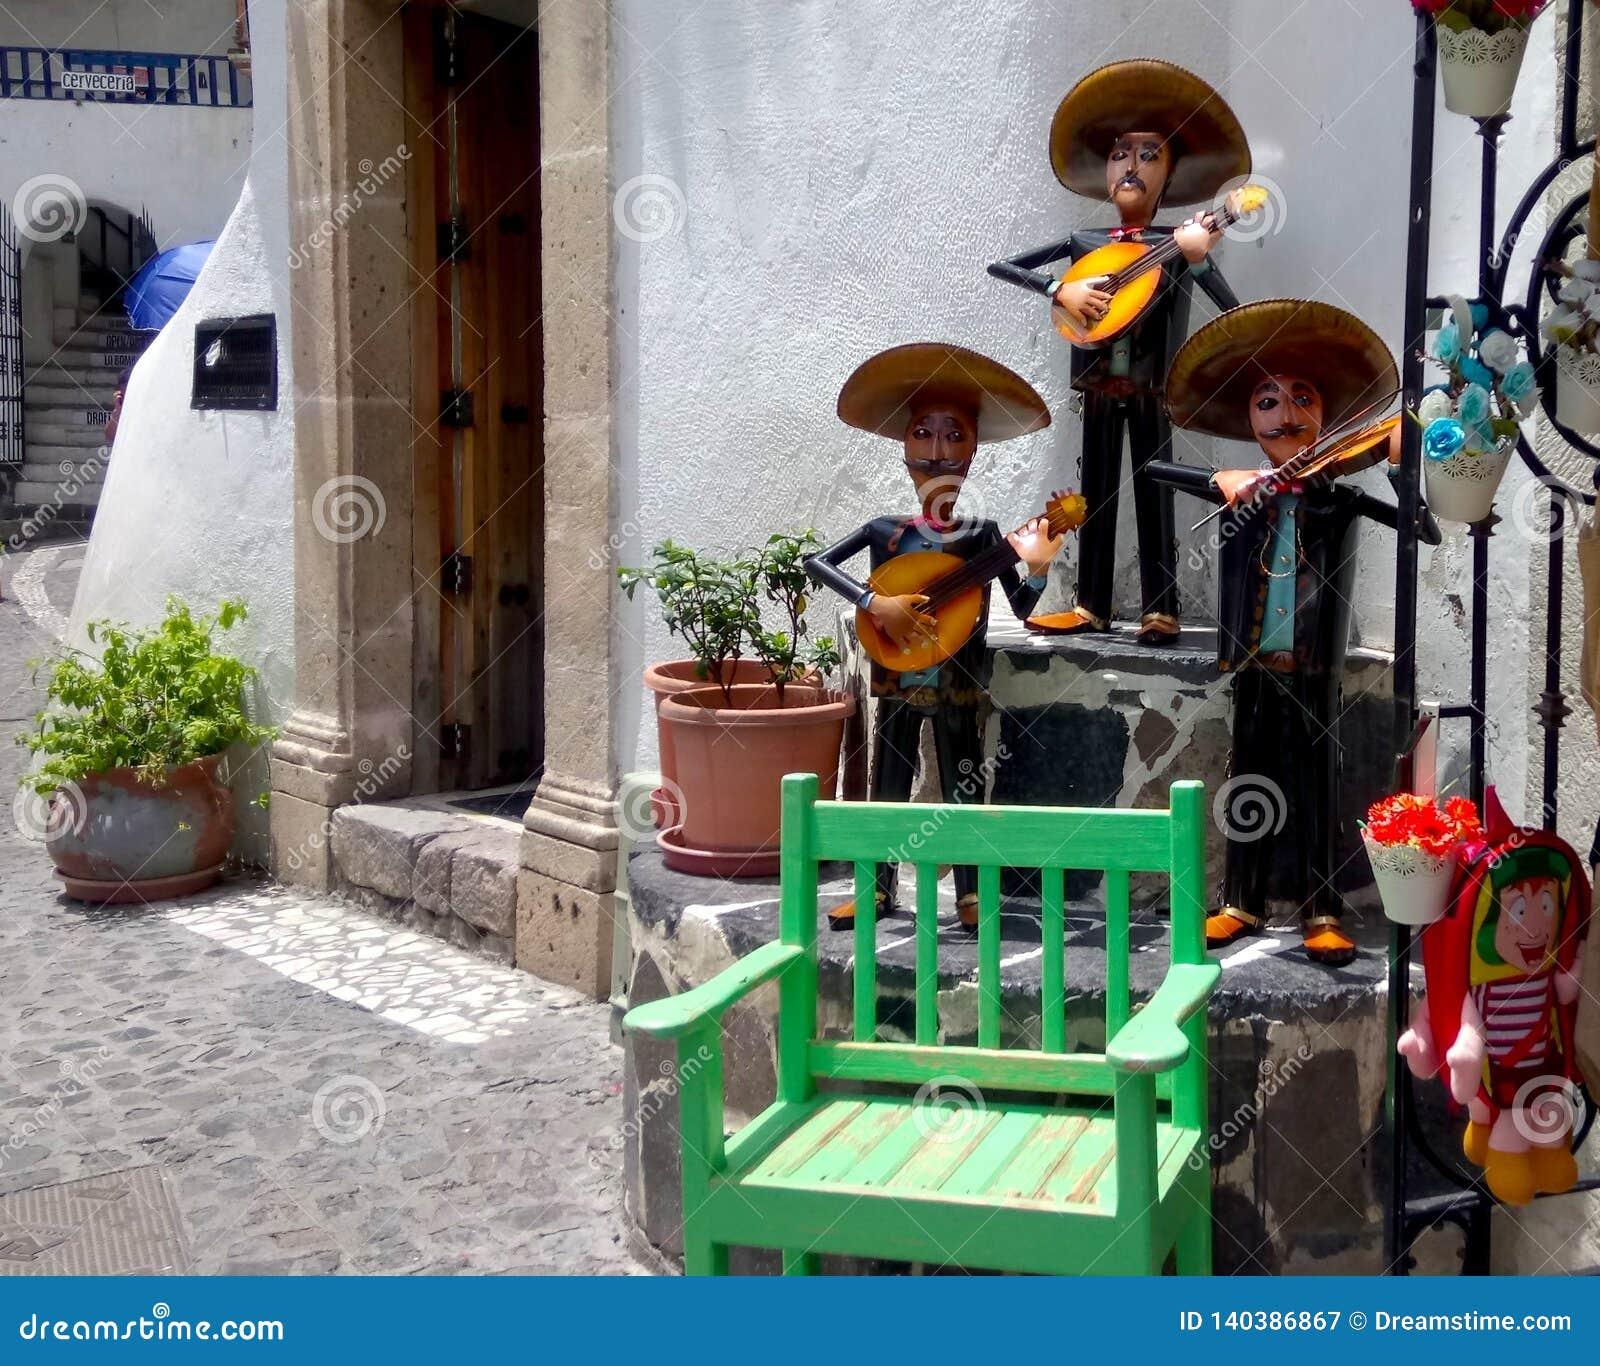 Mexicaans kunsthoogtepunt van het leven, muziek en kleur